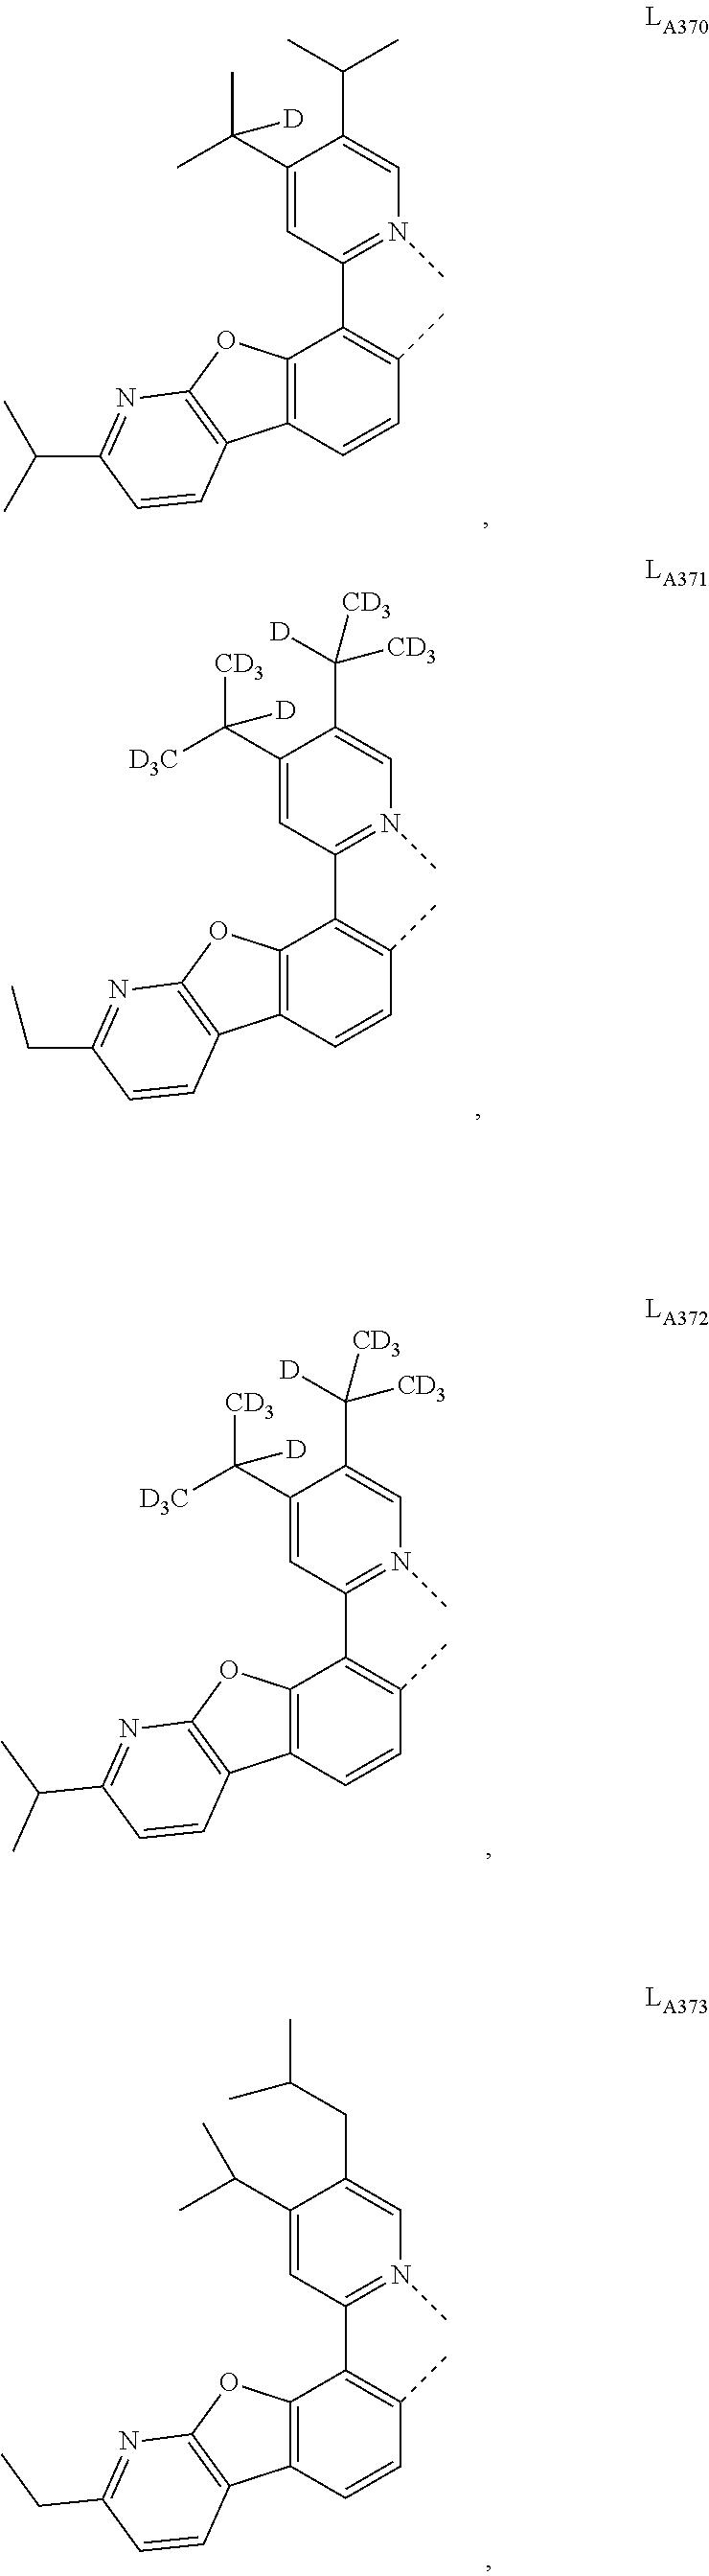 Figure US20160049599A1-20160218-C00480